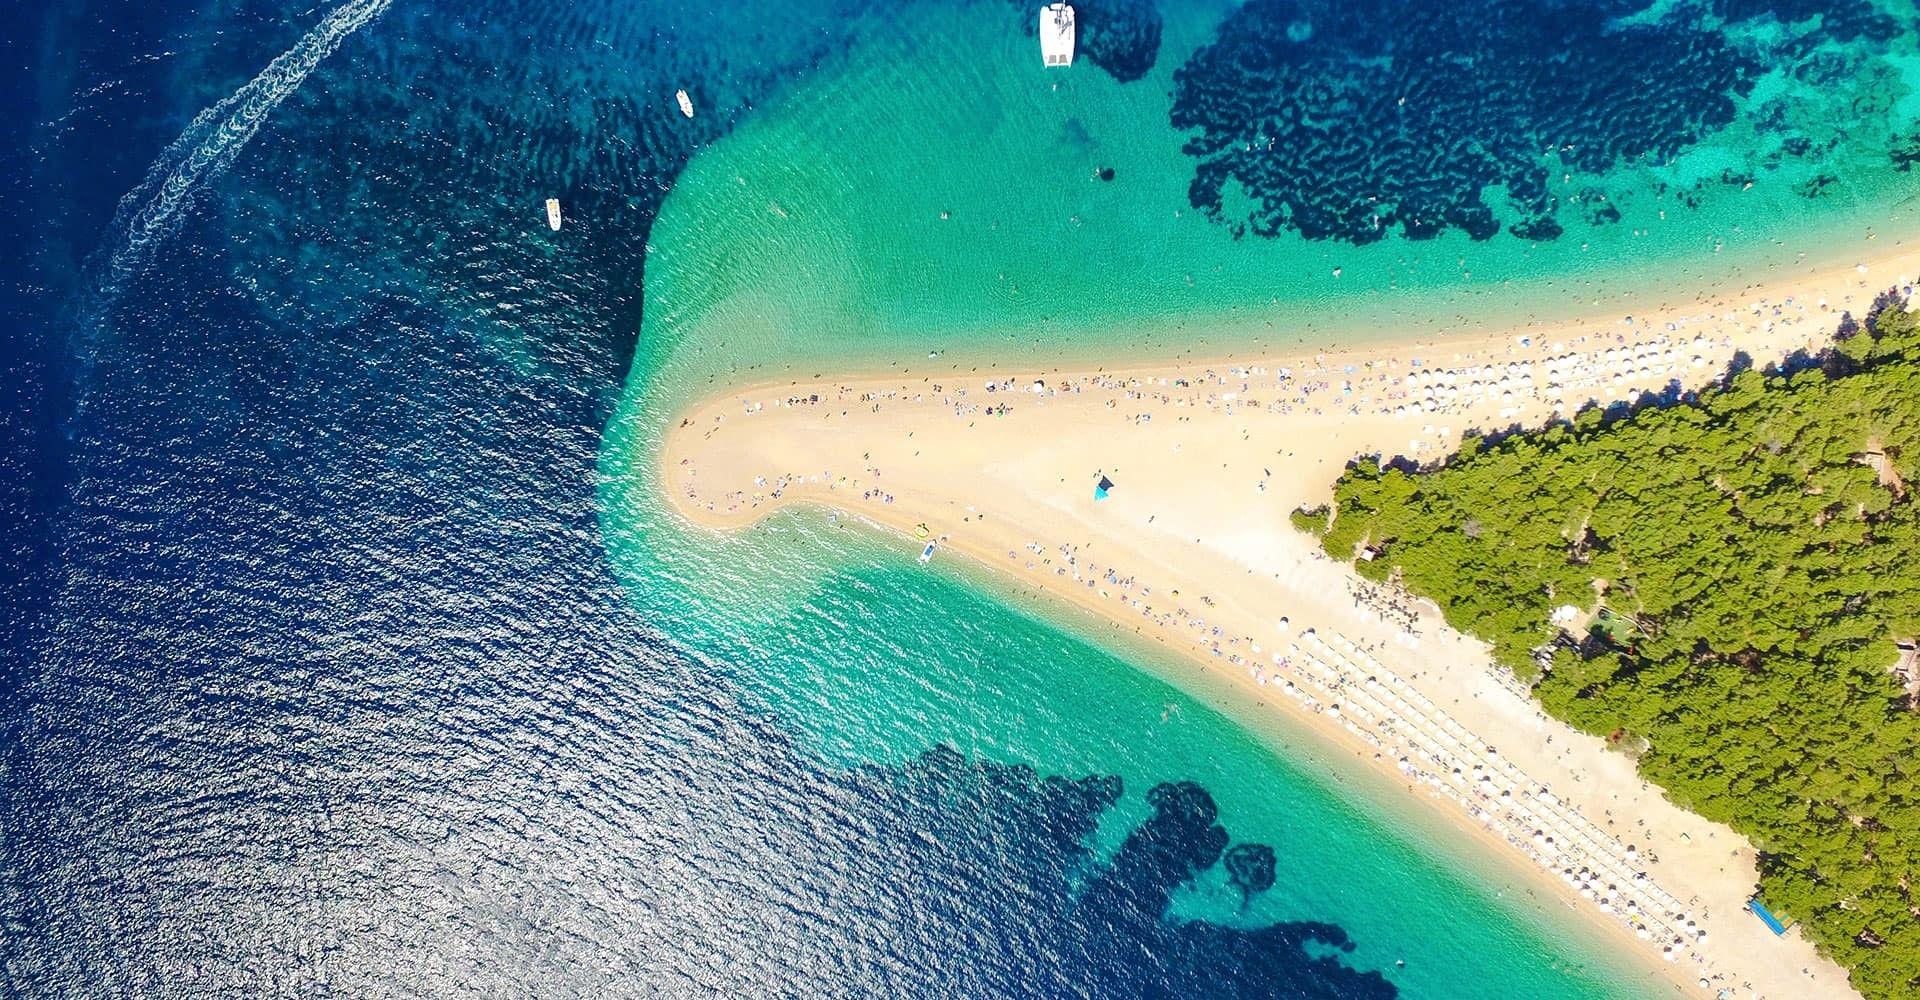 Luksuzne počitnice ob morju tudi na Hrvaškem